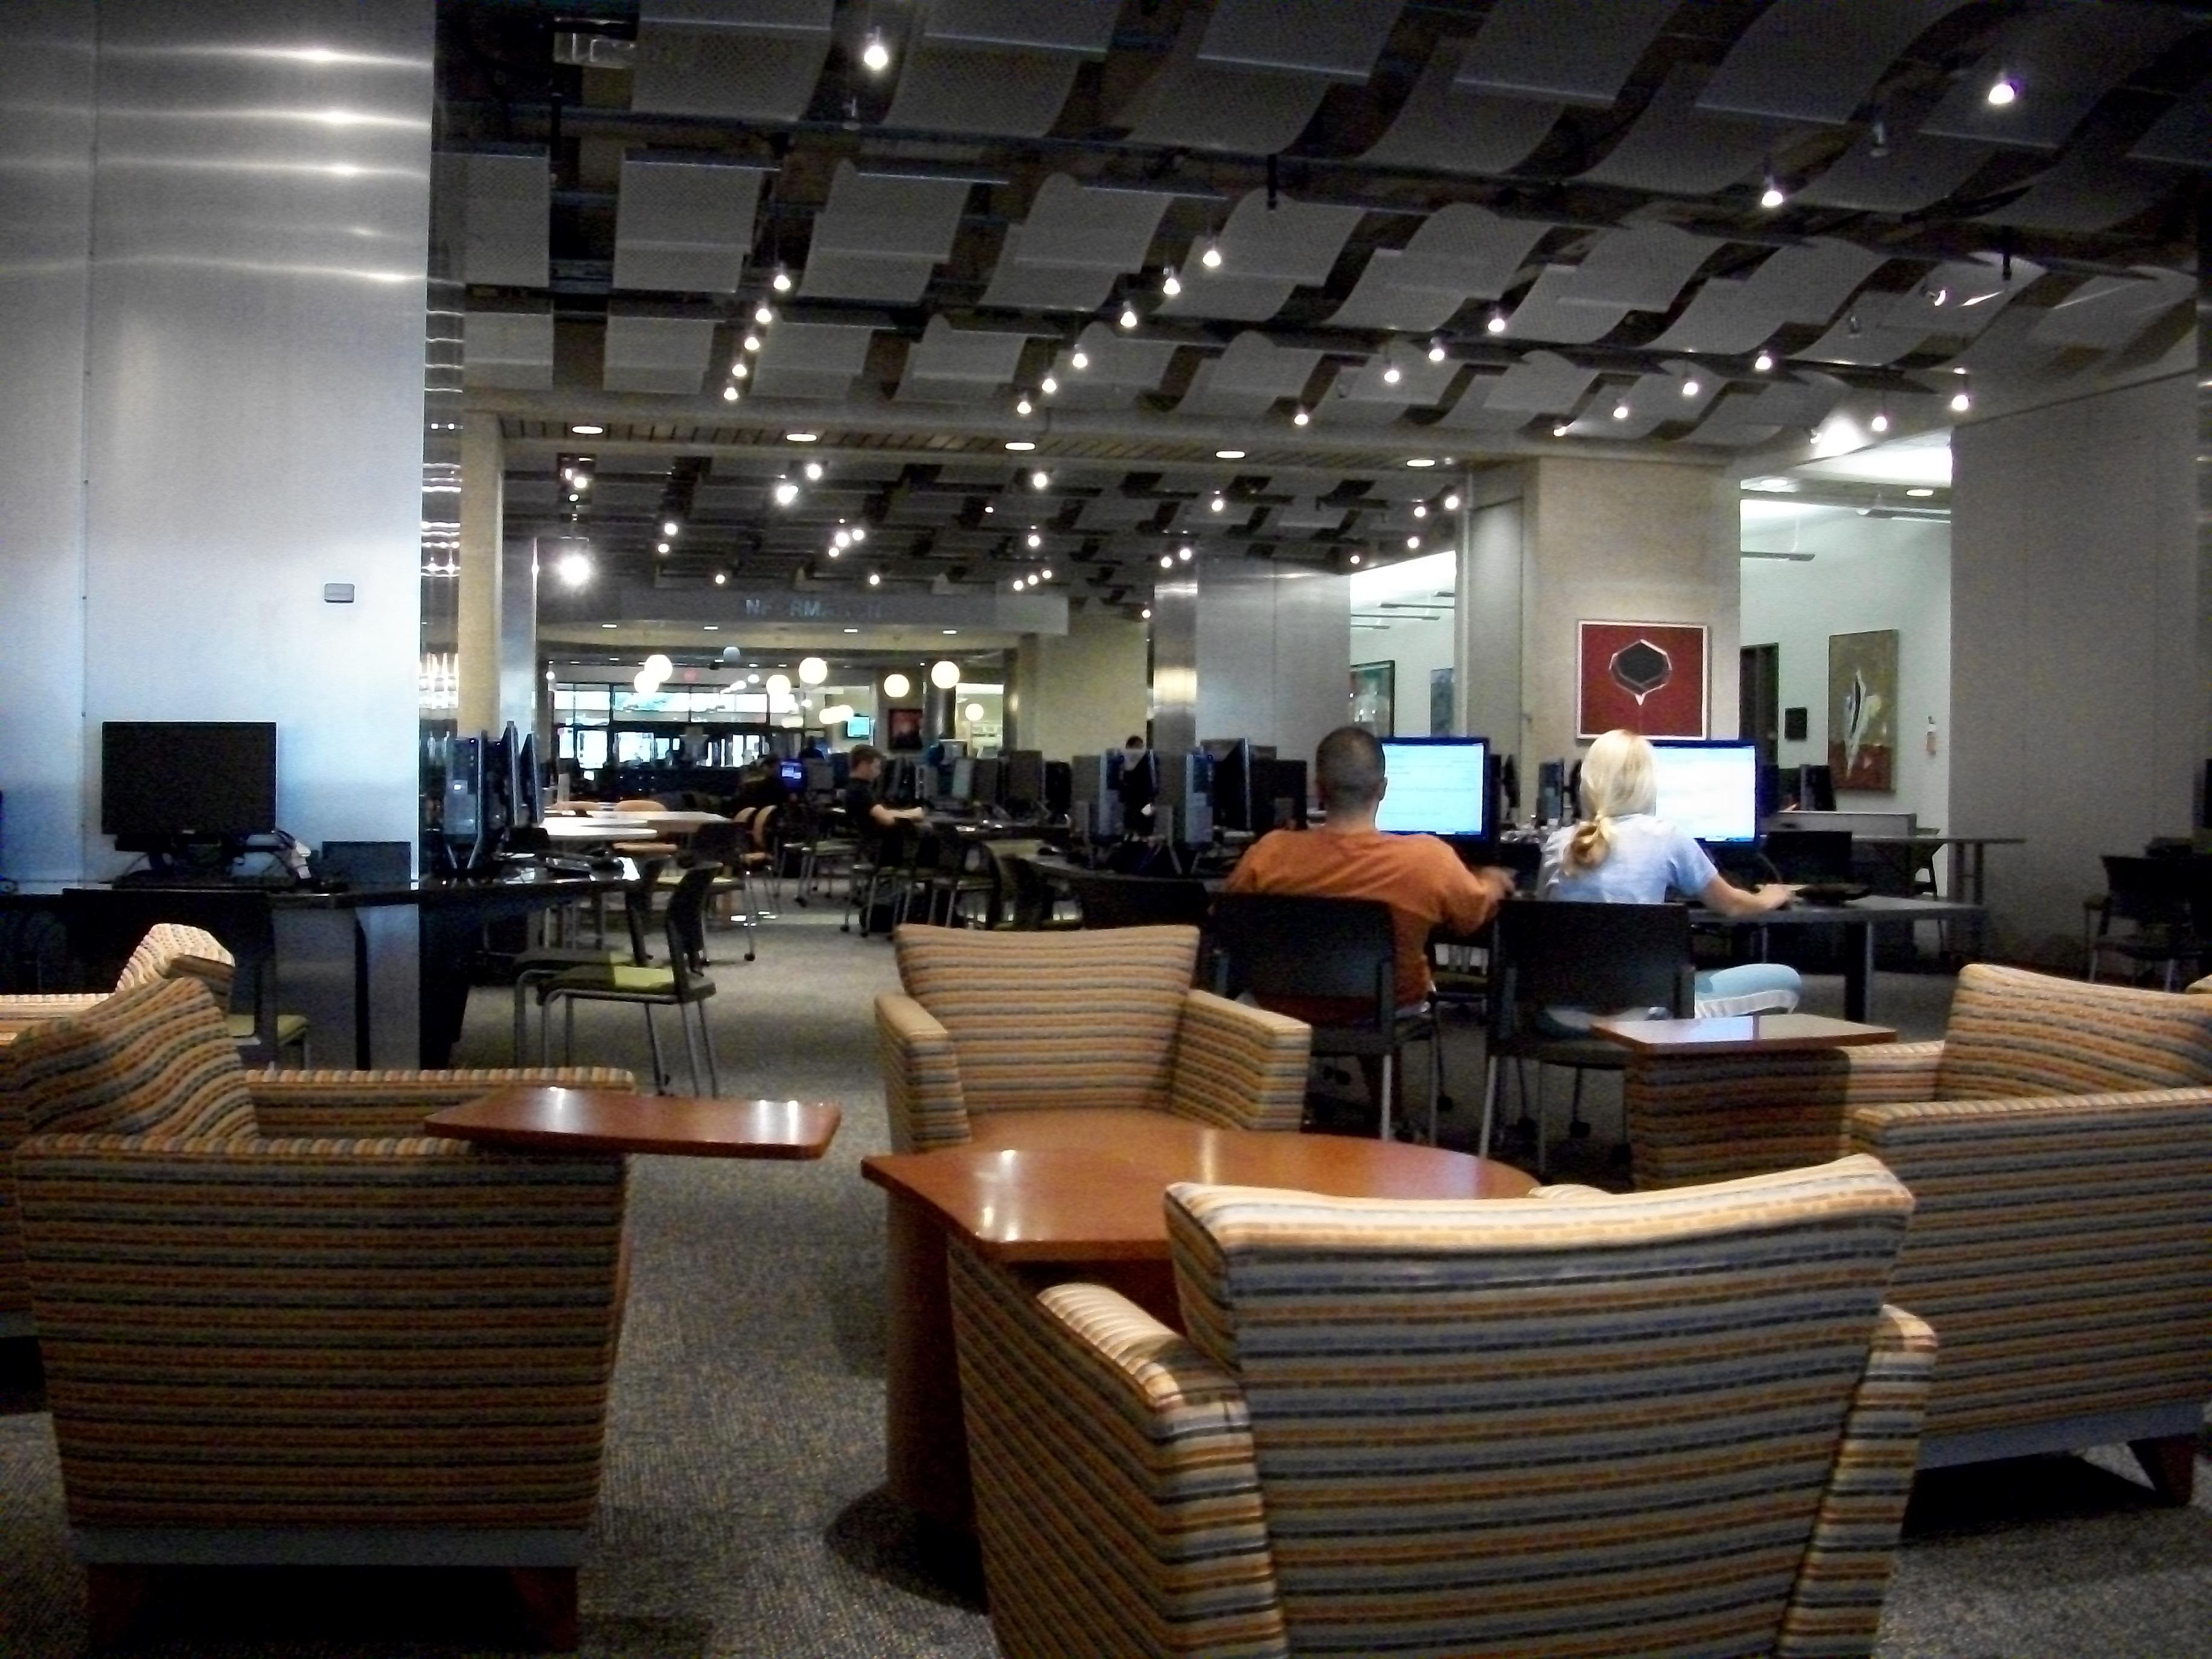 FileUTSA Campus John Peace Library